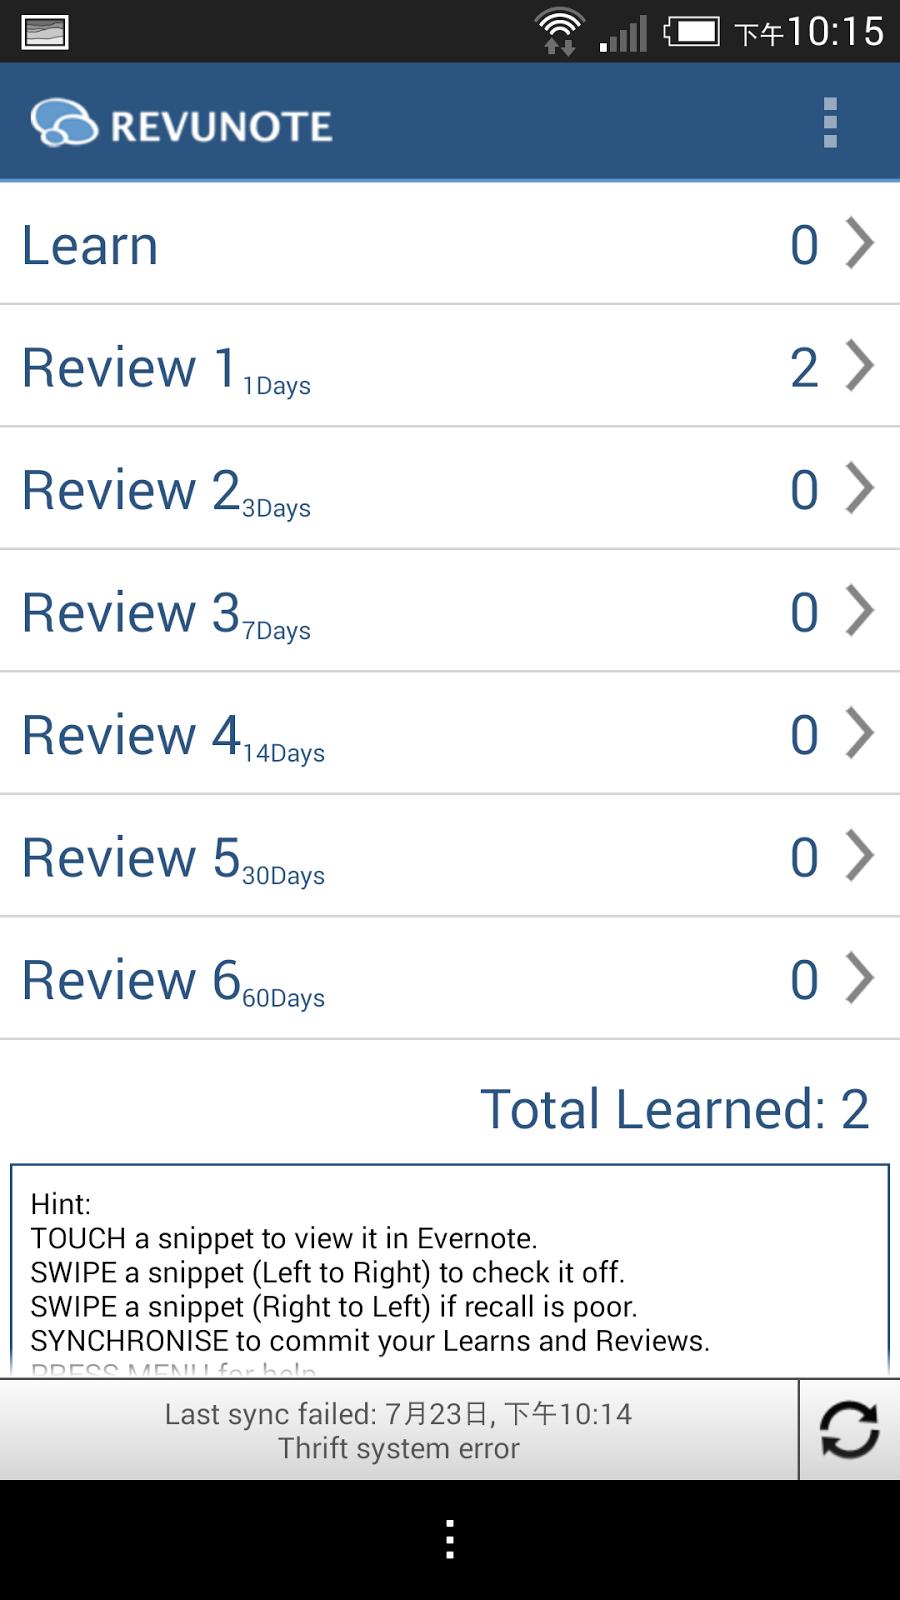 行動中累積一萬個小時練習! 10 個手機殺時間學習 App revunote+evernote-06